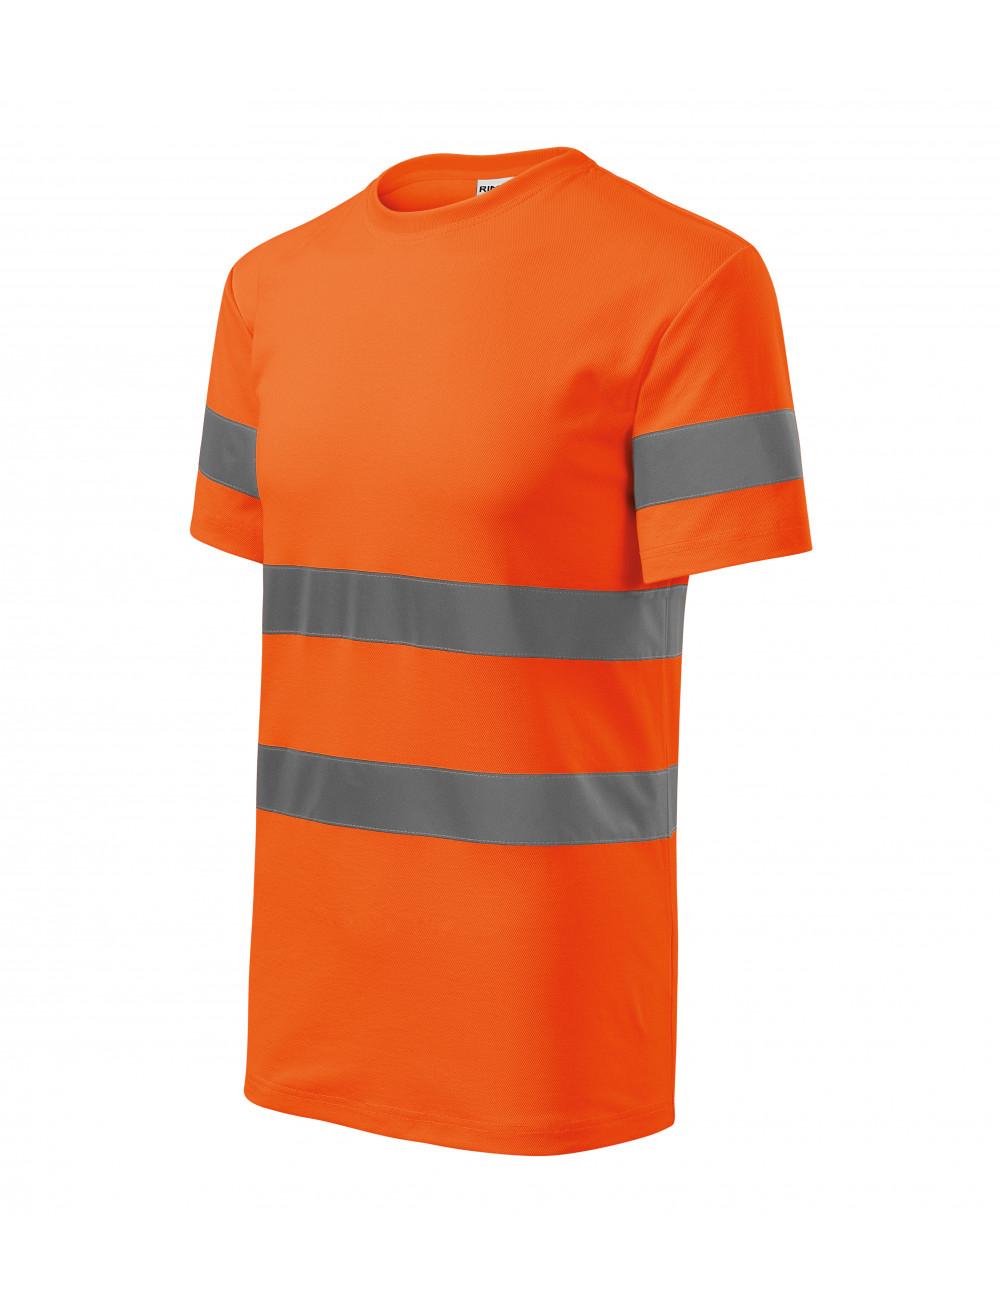 Adler RIMECK Koszulka unisex HV Protect 1V9 odblaskowo pomarańczowy